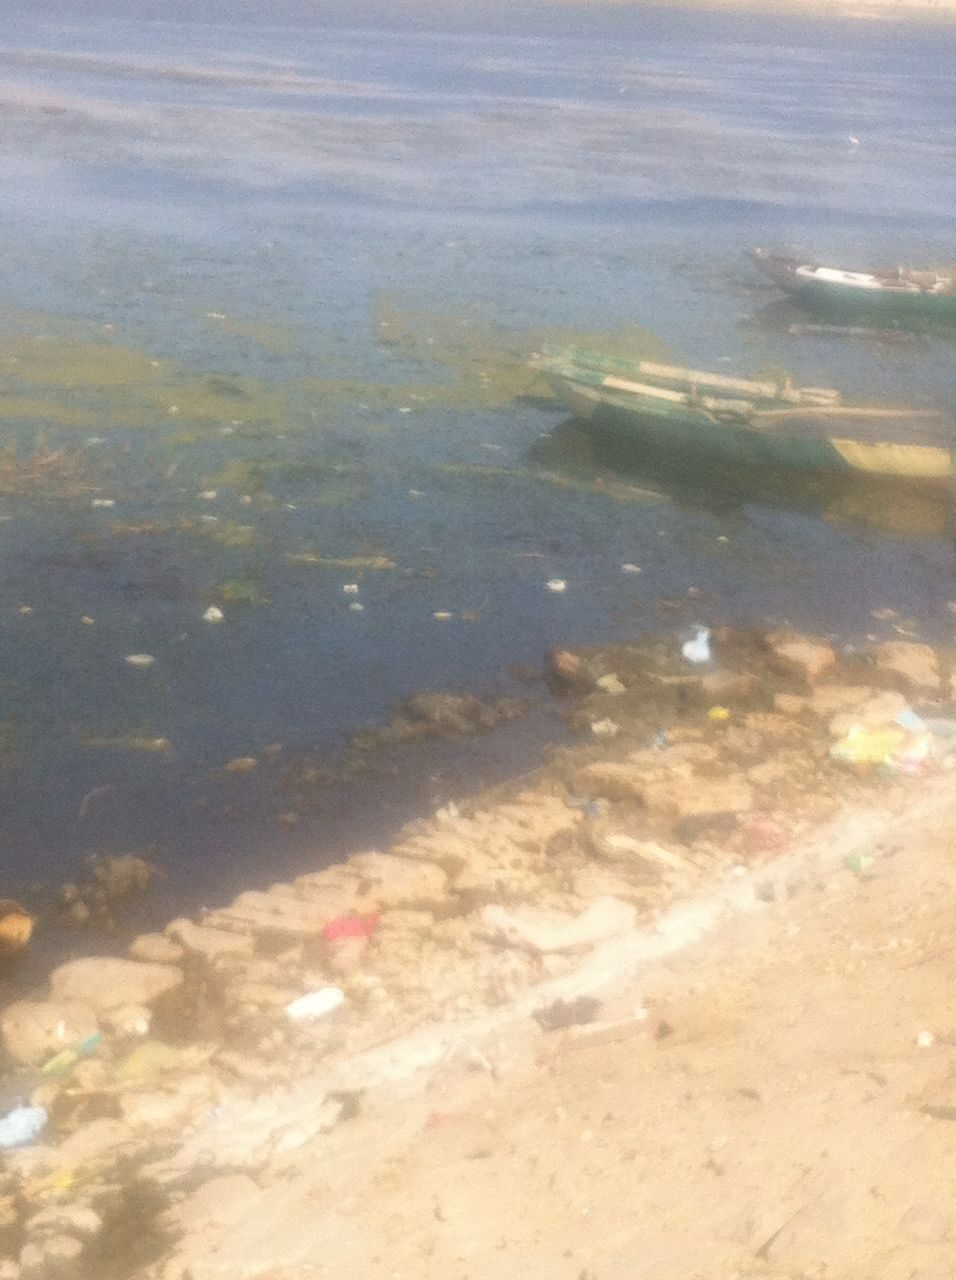 أهالي «جزيرة راجح» يطالبون مسؤولي الأقصر و«الري» بتطهير نهر النيل (صور)